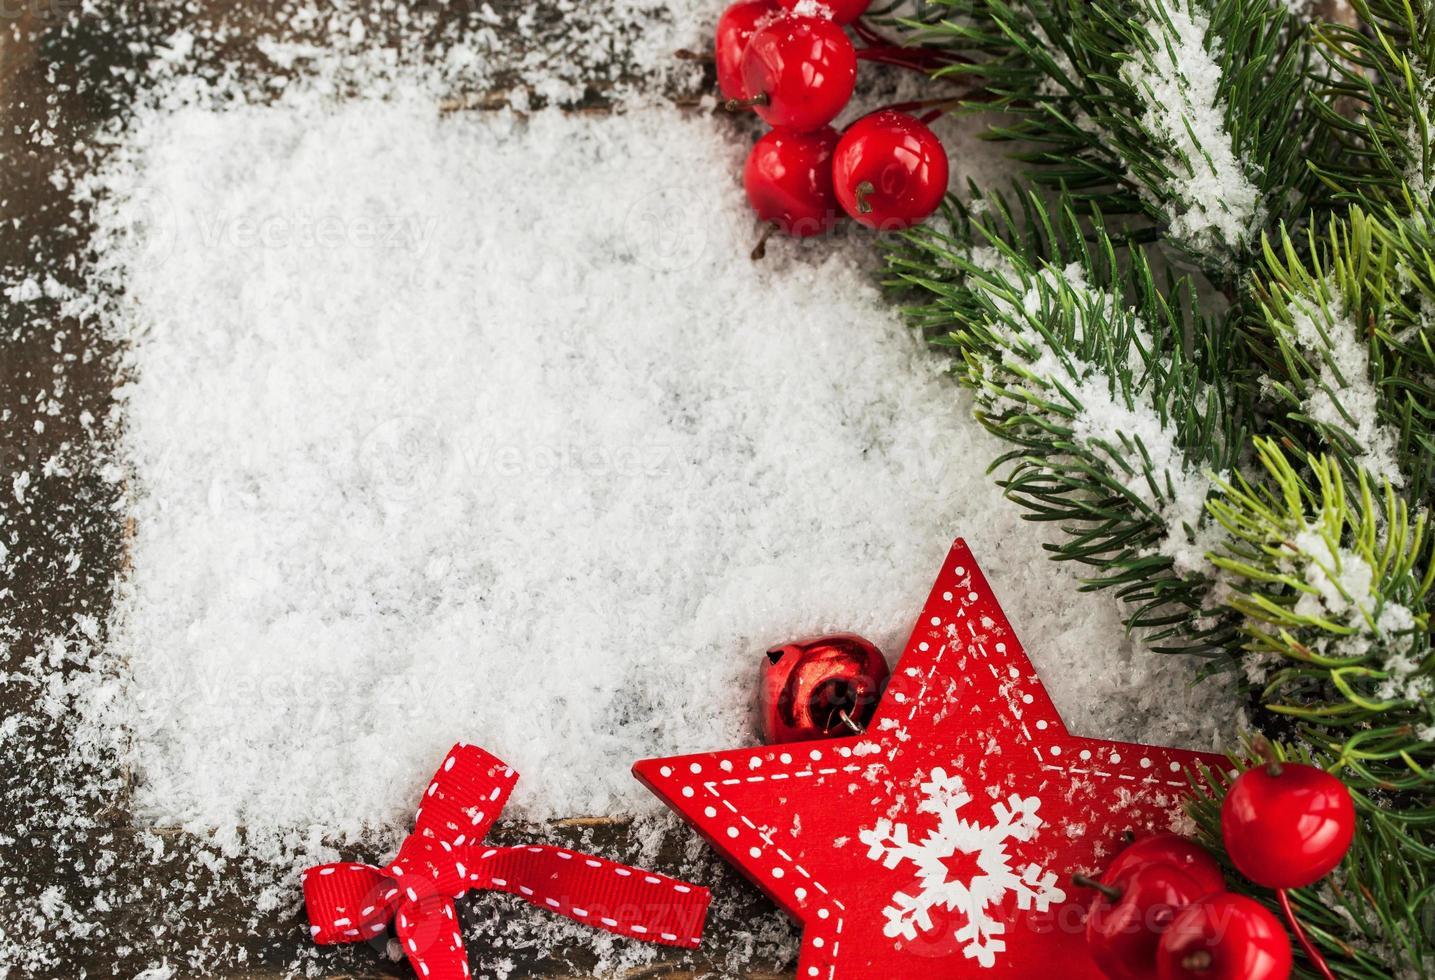 cartolina di Natale con neve, stella rossa e ramo di abete foto